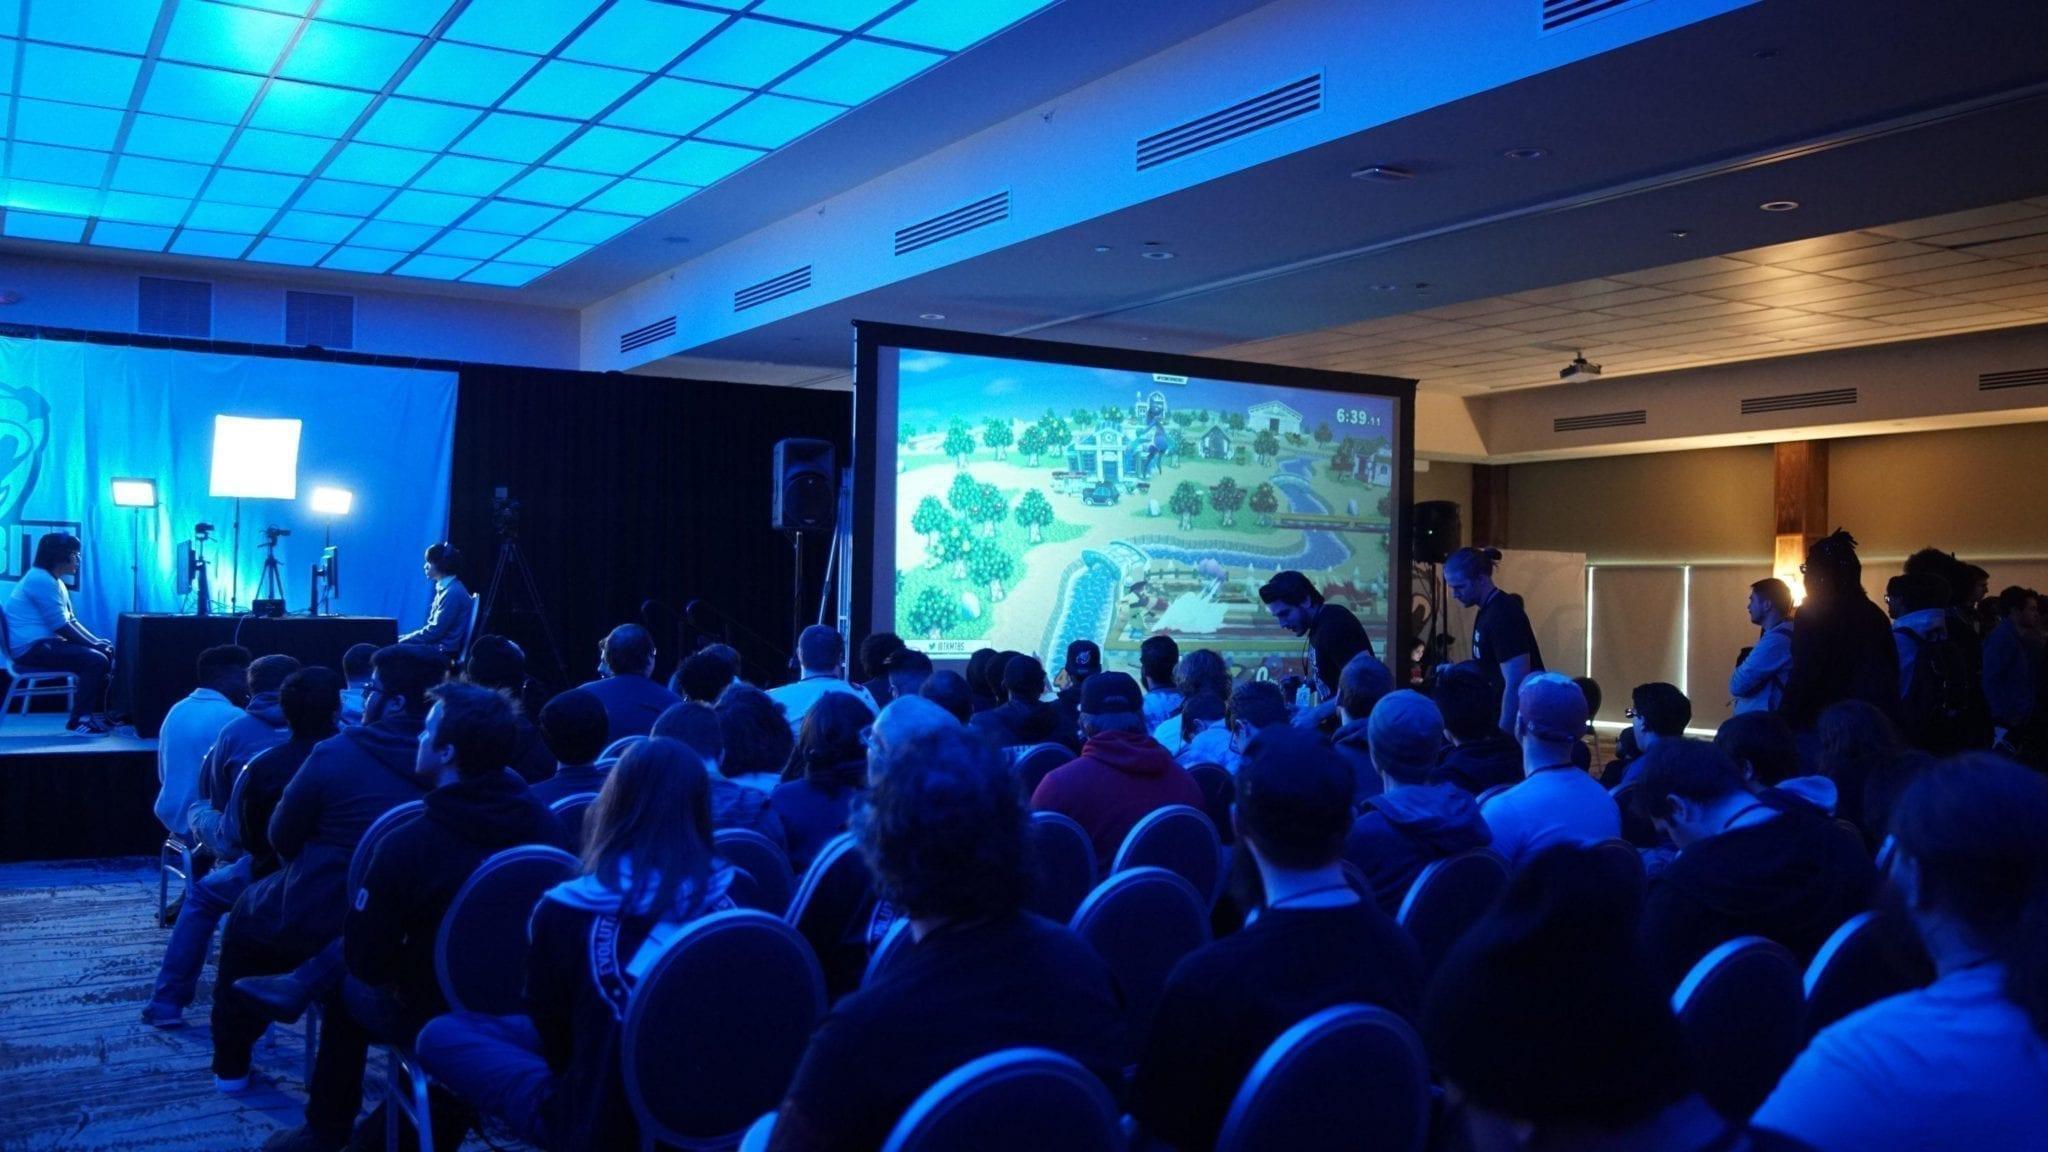 spettatori che assistono a un torneo di videogiochi